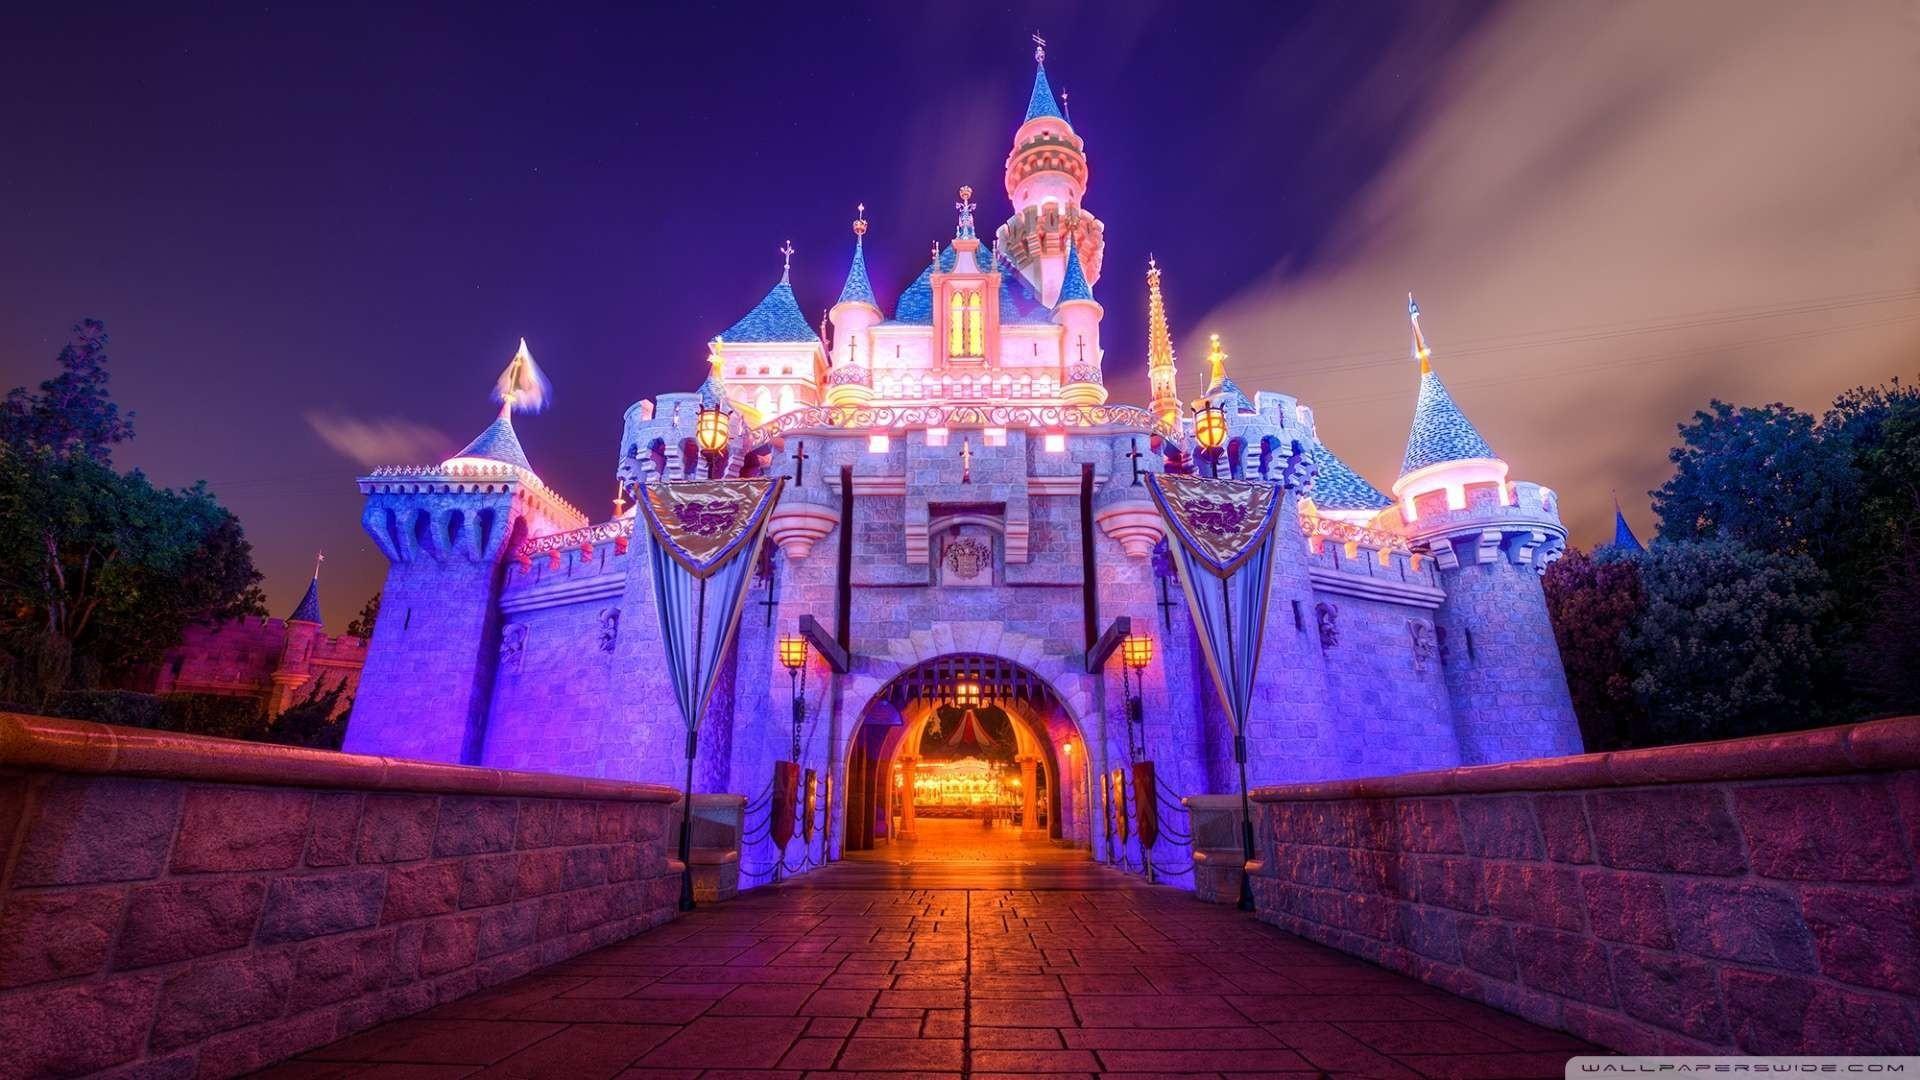 Disney Castle Wallpaper Hd 72 Images